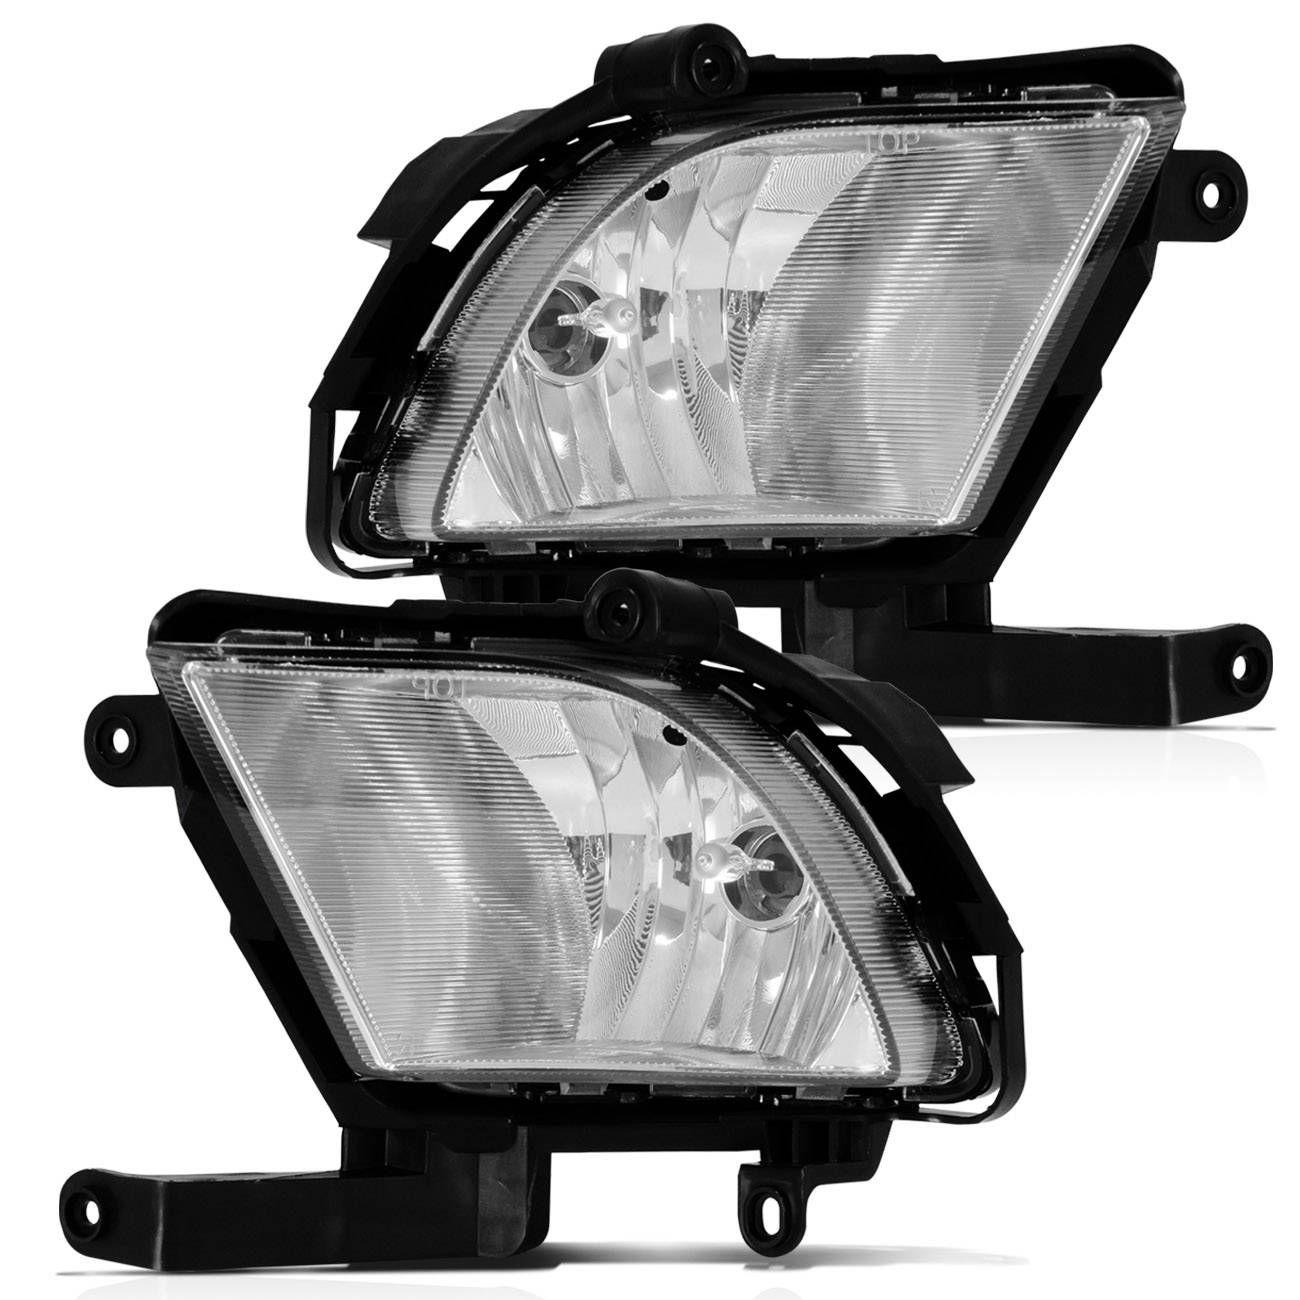 73ae47ec83 Kit Farol Milha Cerato 09 a 12 Auxiliar Neblina + Par Lâmpadas Super LED  H27 Efeito Xenon - Prime Produto não disponível